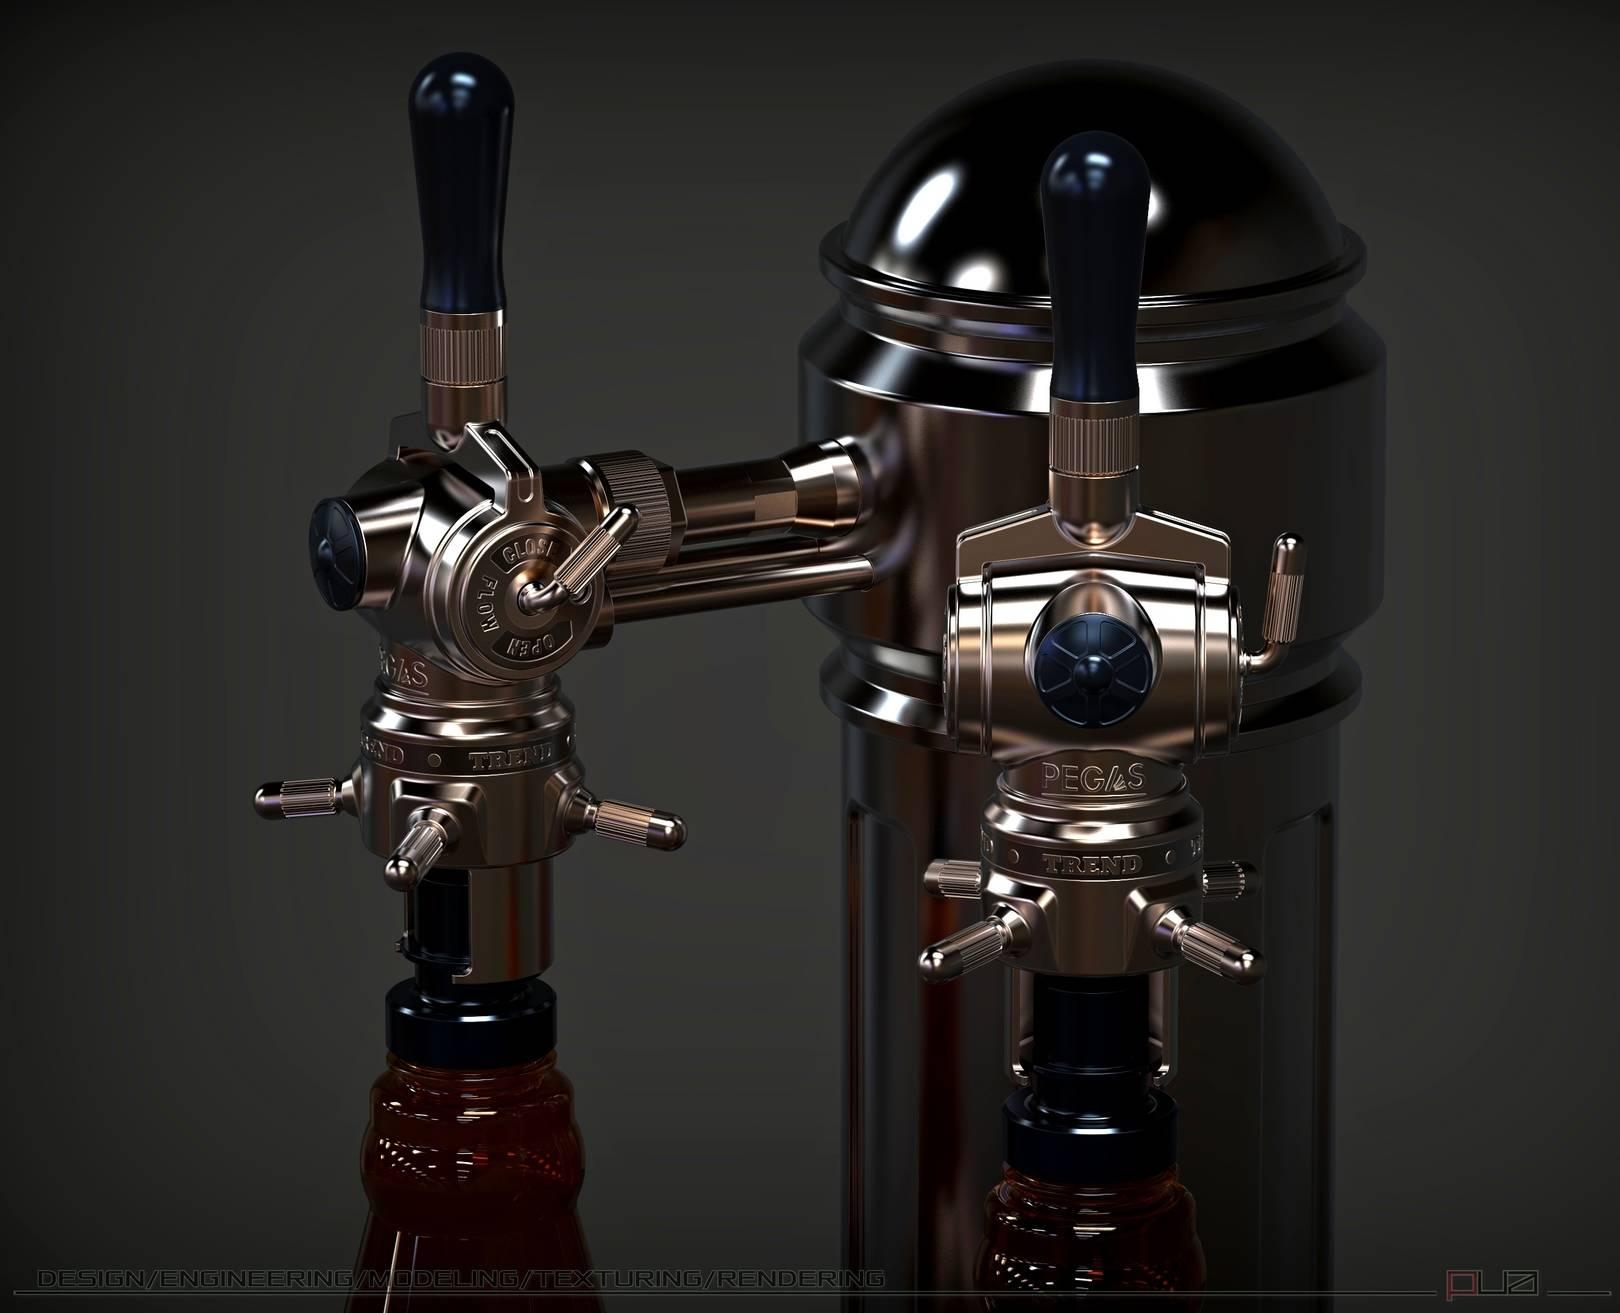 Устройство (Pegas) и колонна, для беспенного розлива пива.  Промышленный дизайн, моделирование, визуализация.